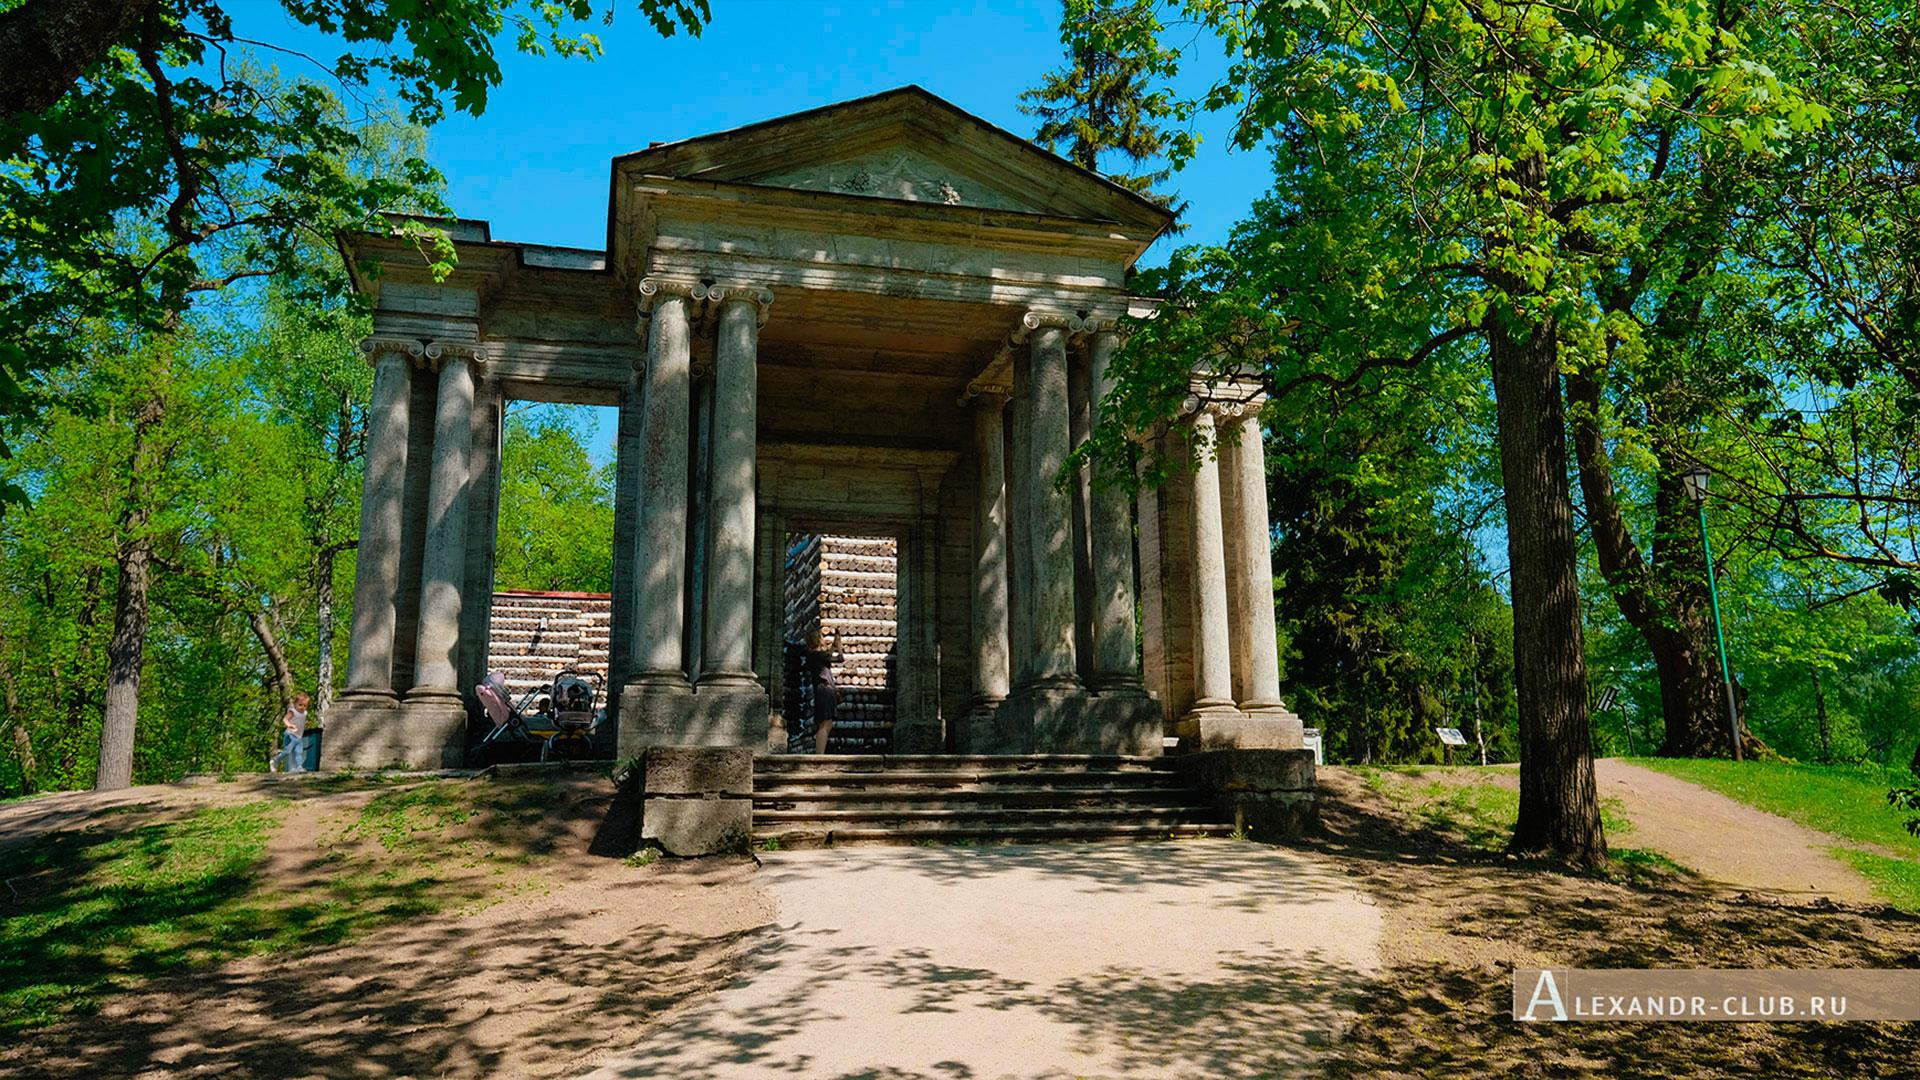 Гатчинский парк, весна, Портал «Маска» и Березовый домик